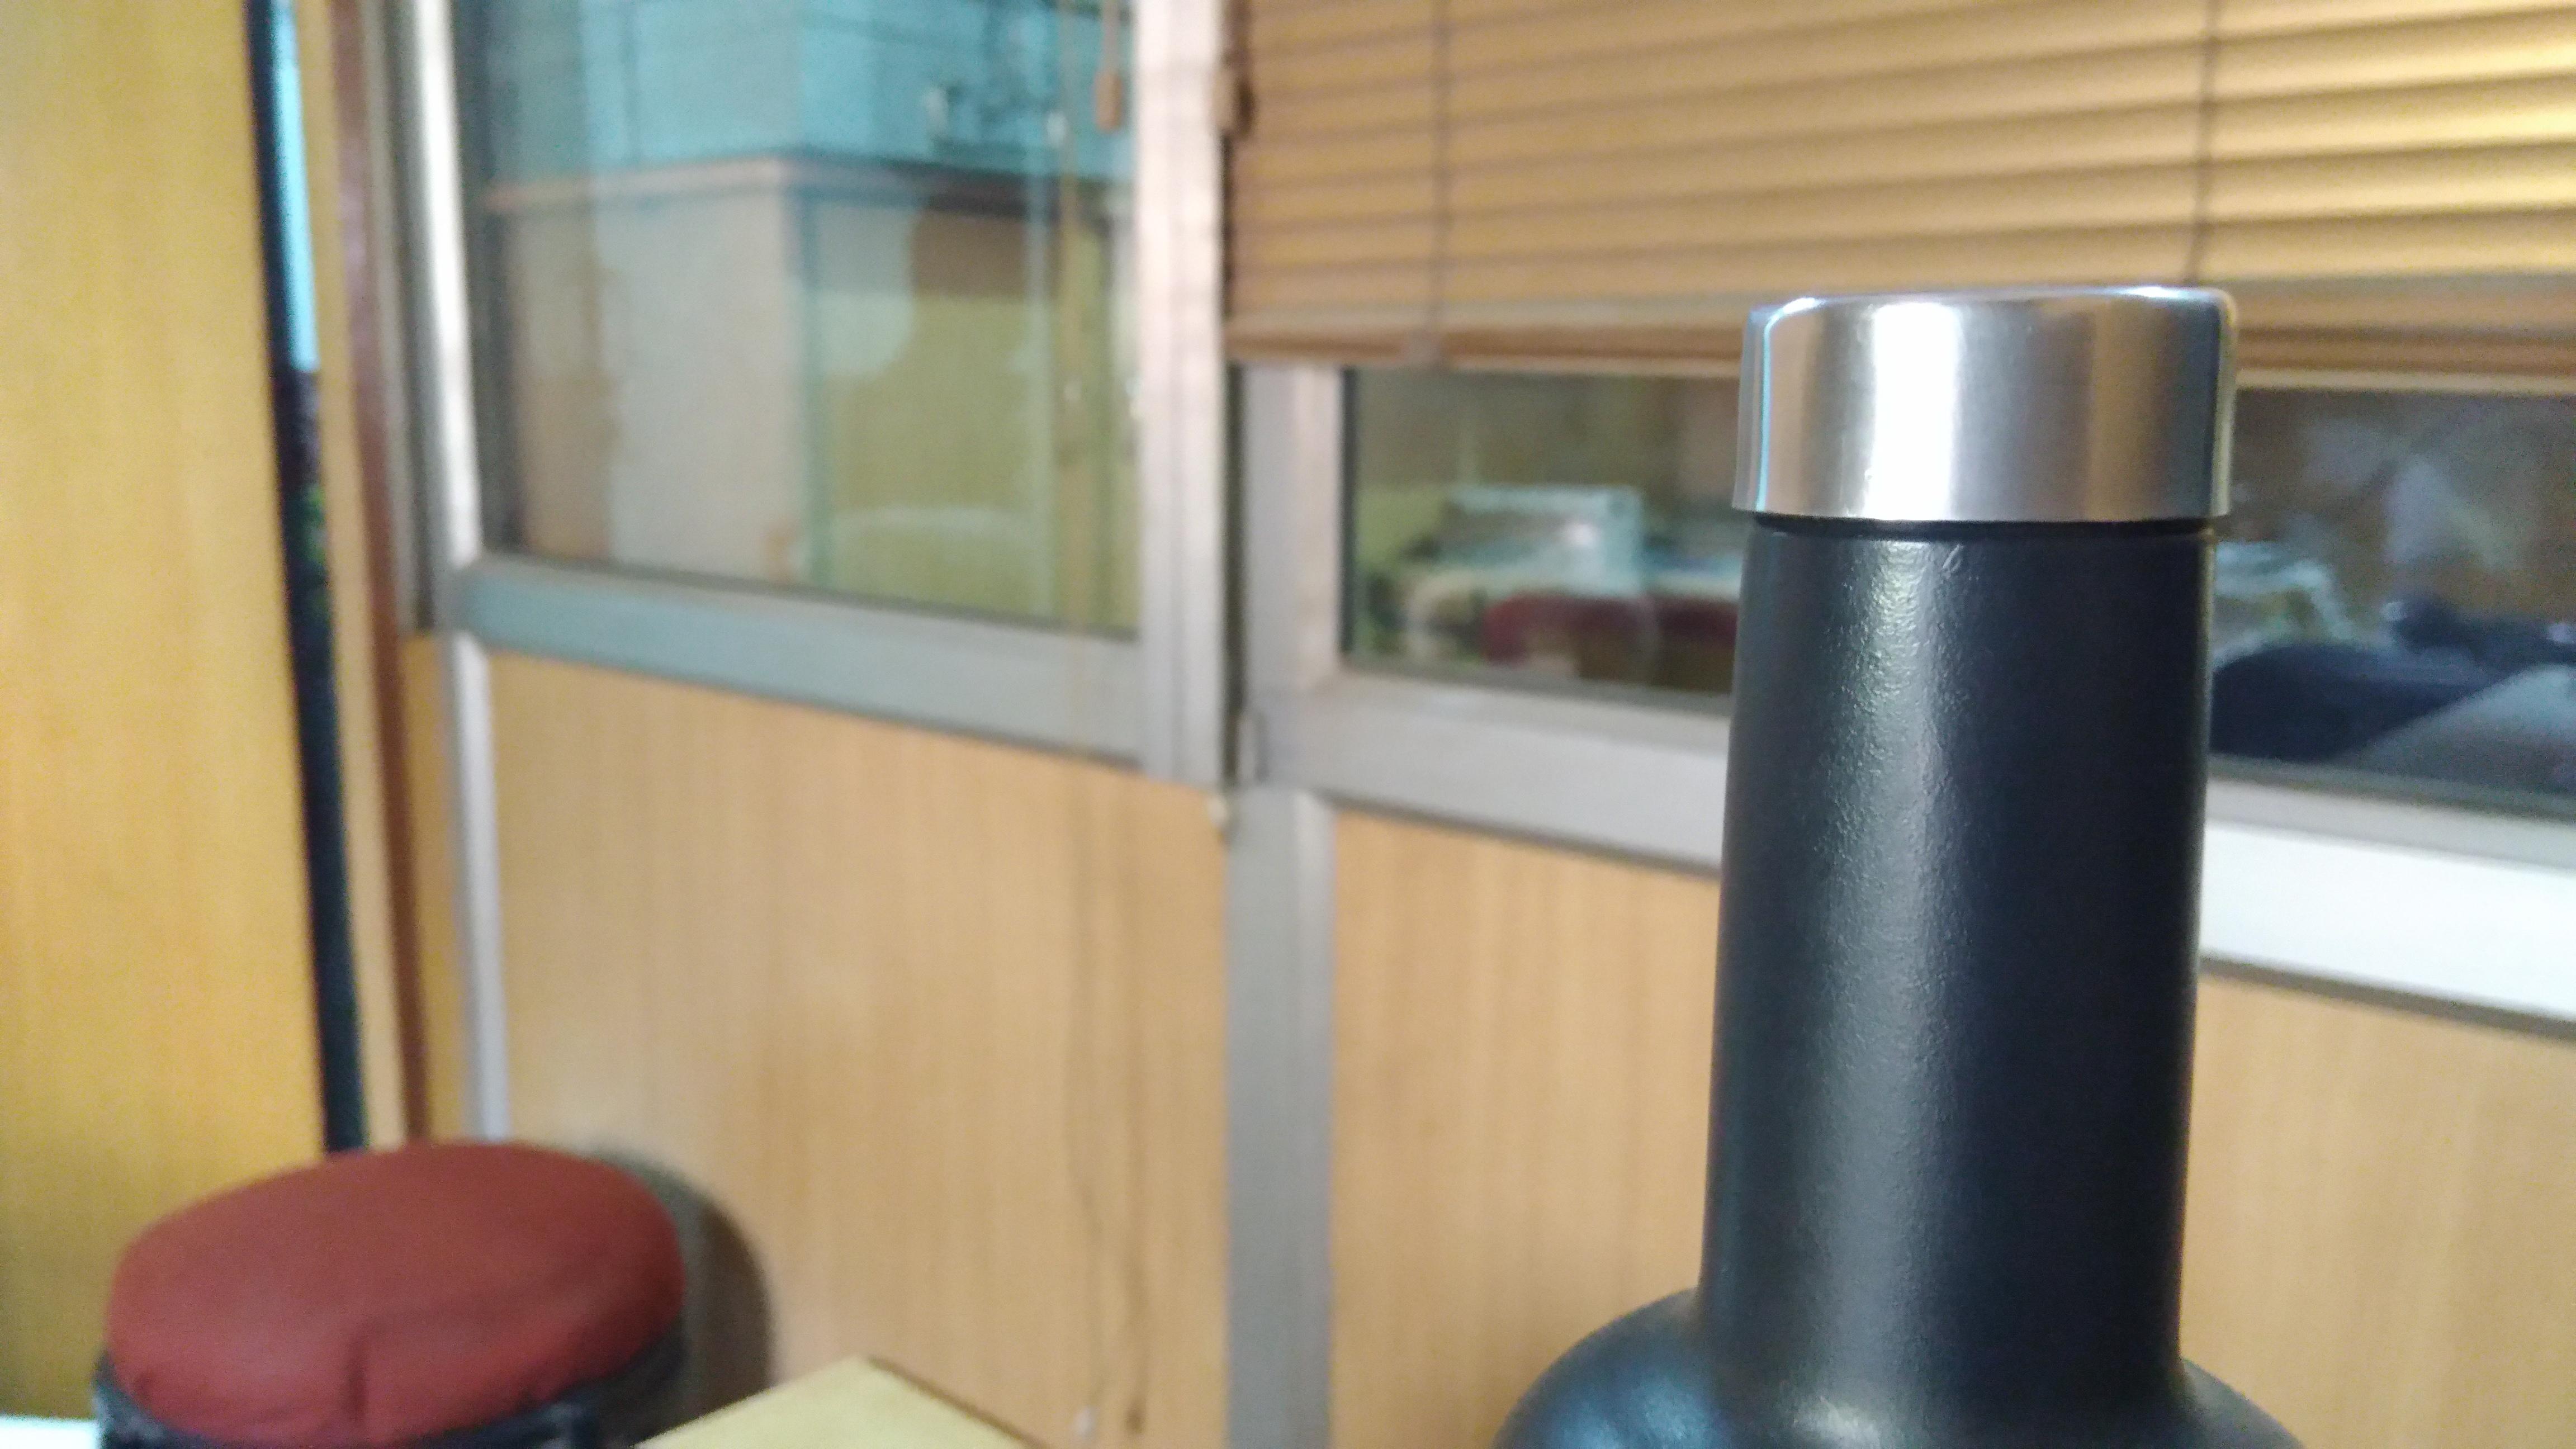 asus-zenfone-3-max-camera-3